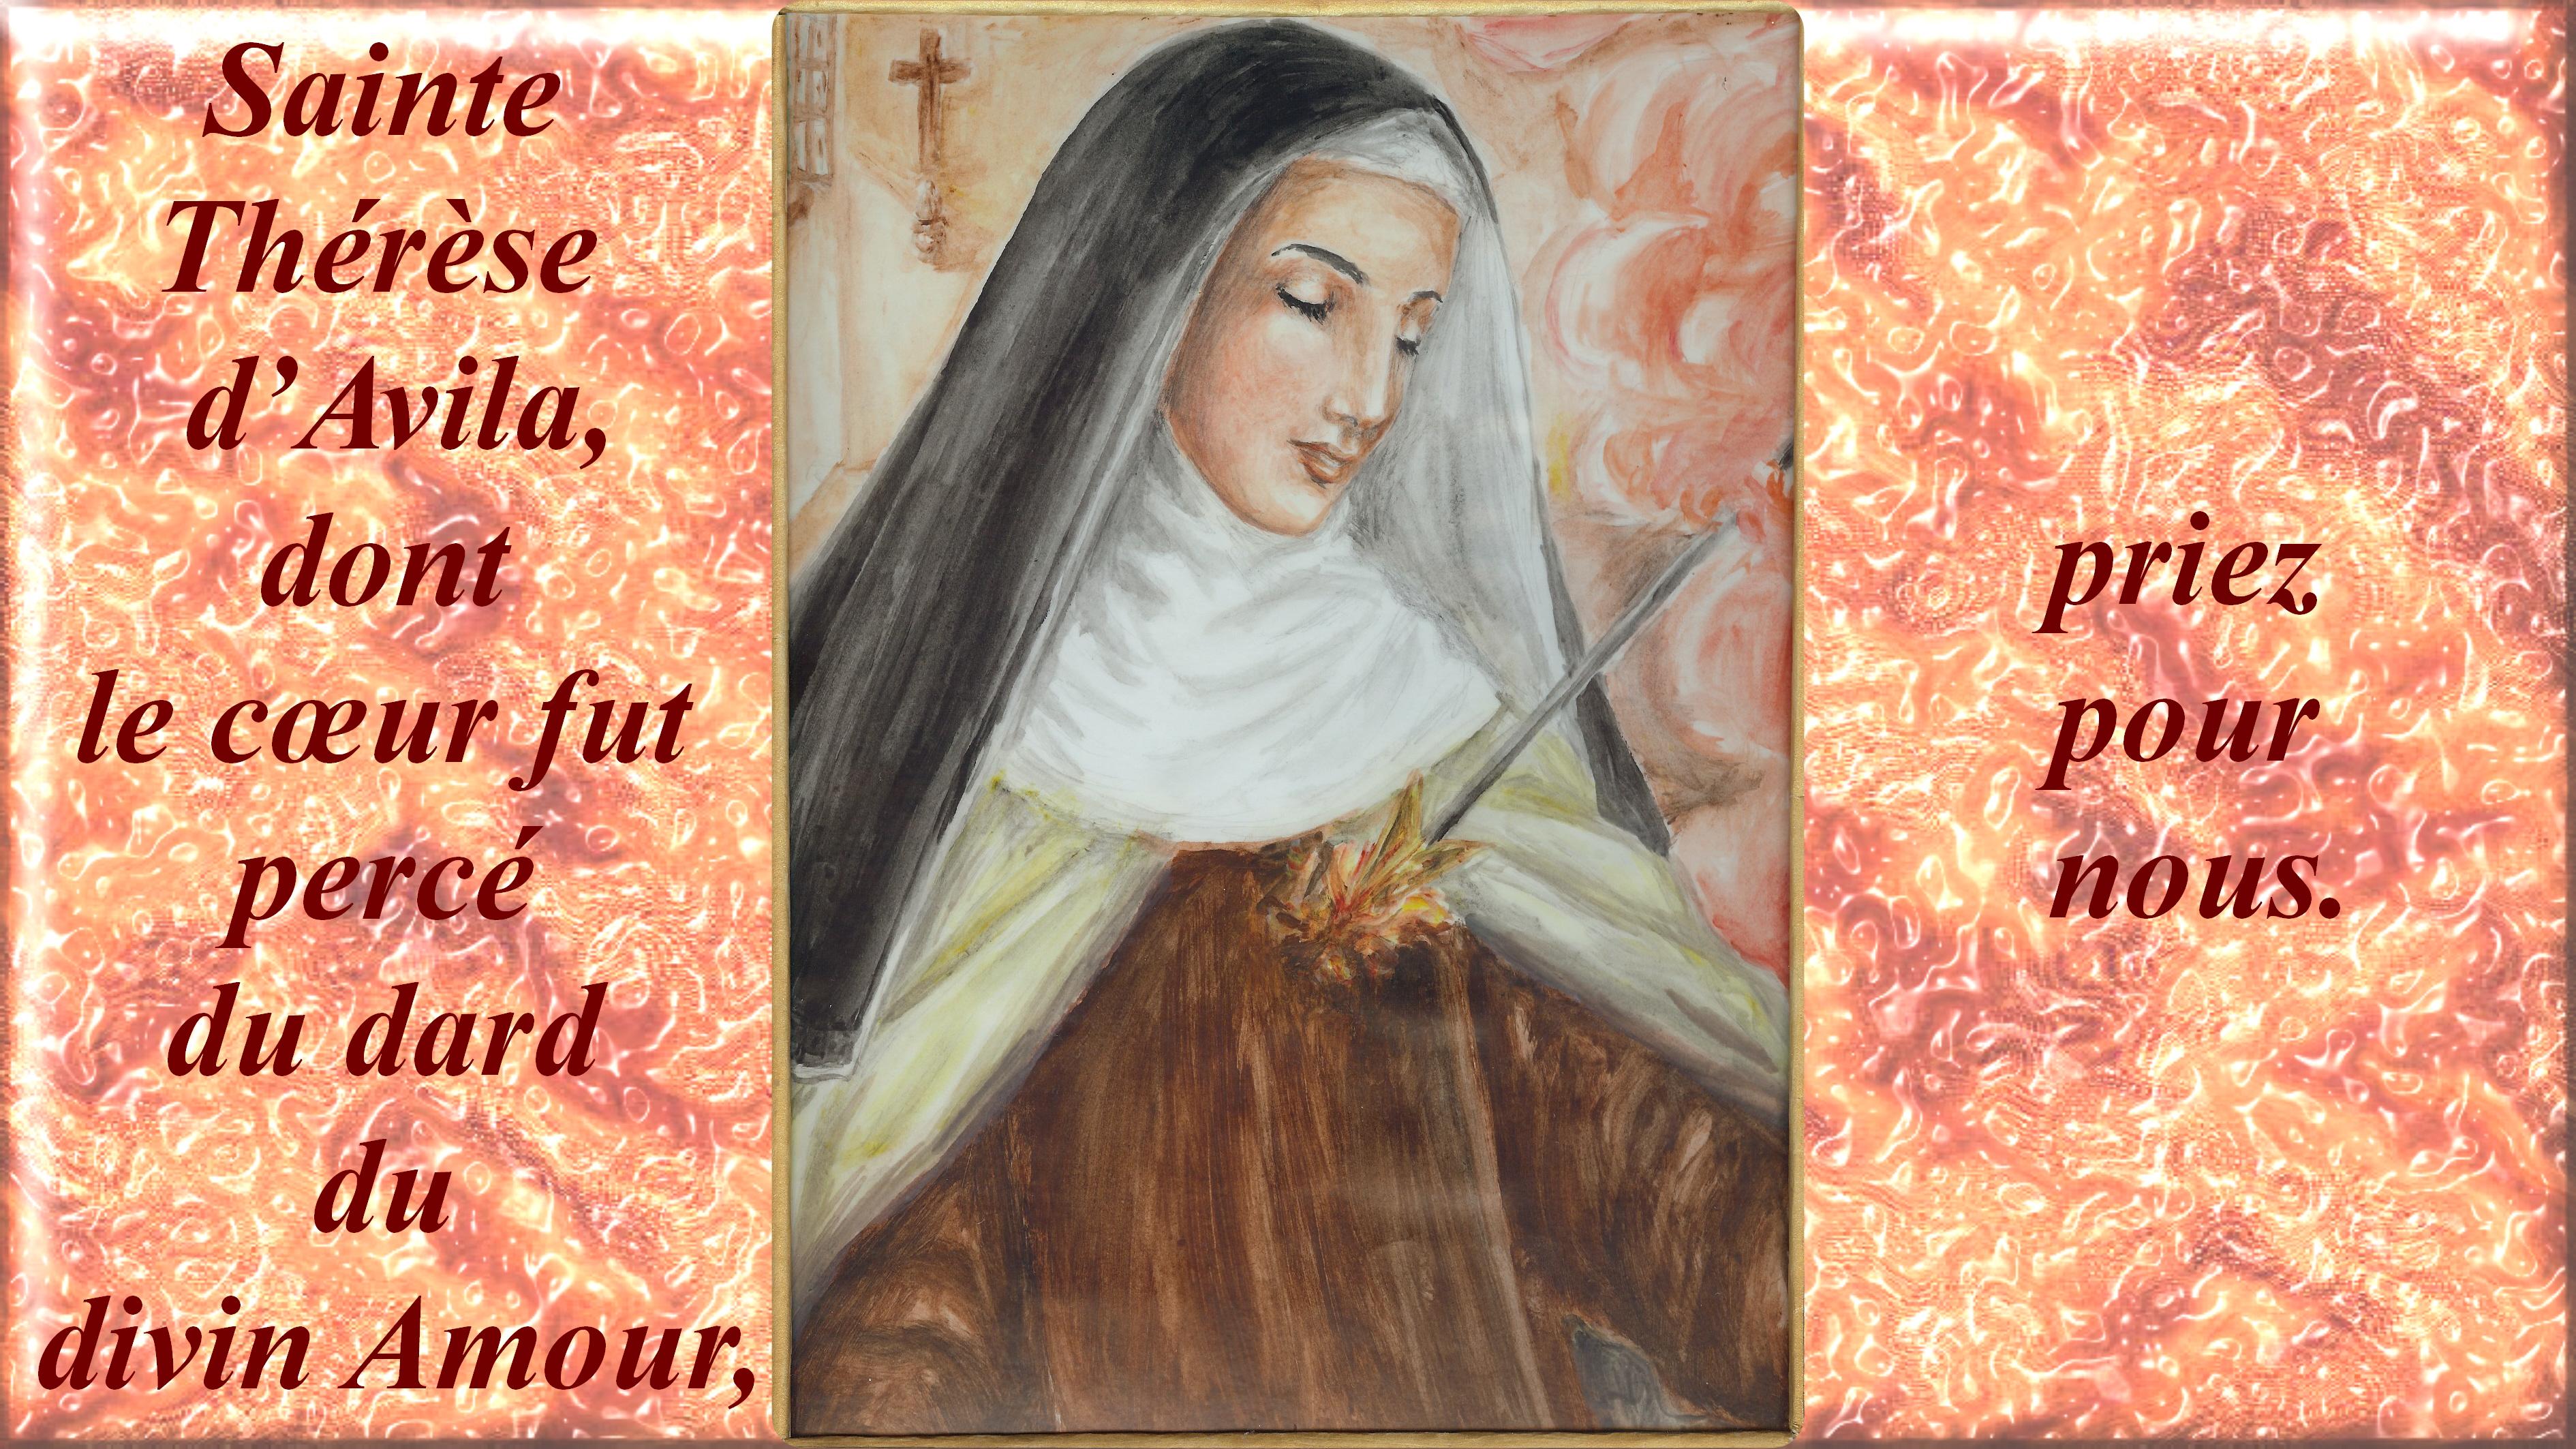 CALENDRIER CATHOLIQUE 2019 (Cantiques, Prières & Images) - Page 7 La-transverb-rati...-d-avila-5681285